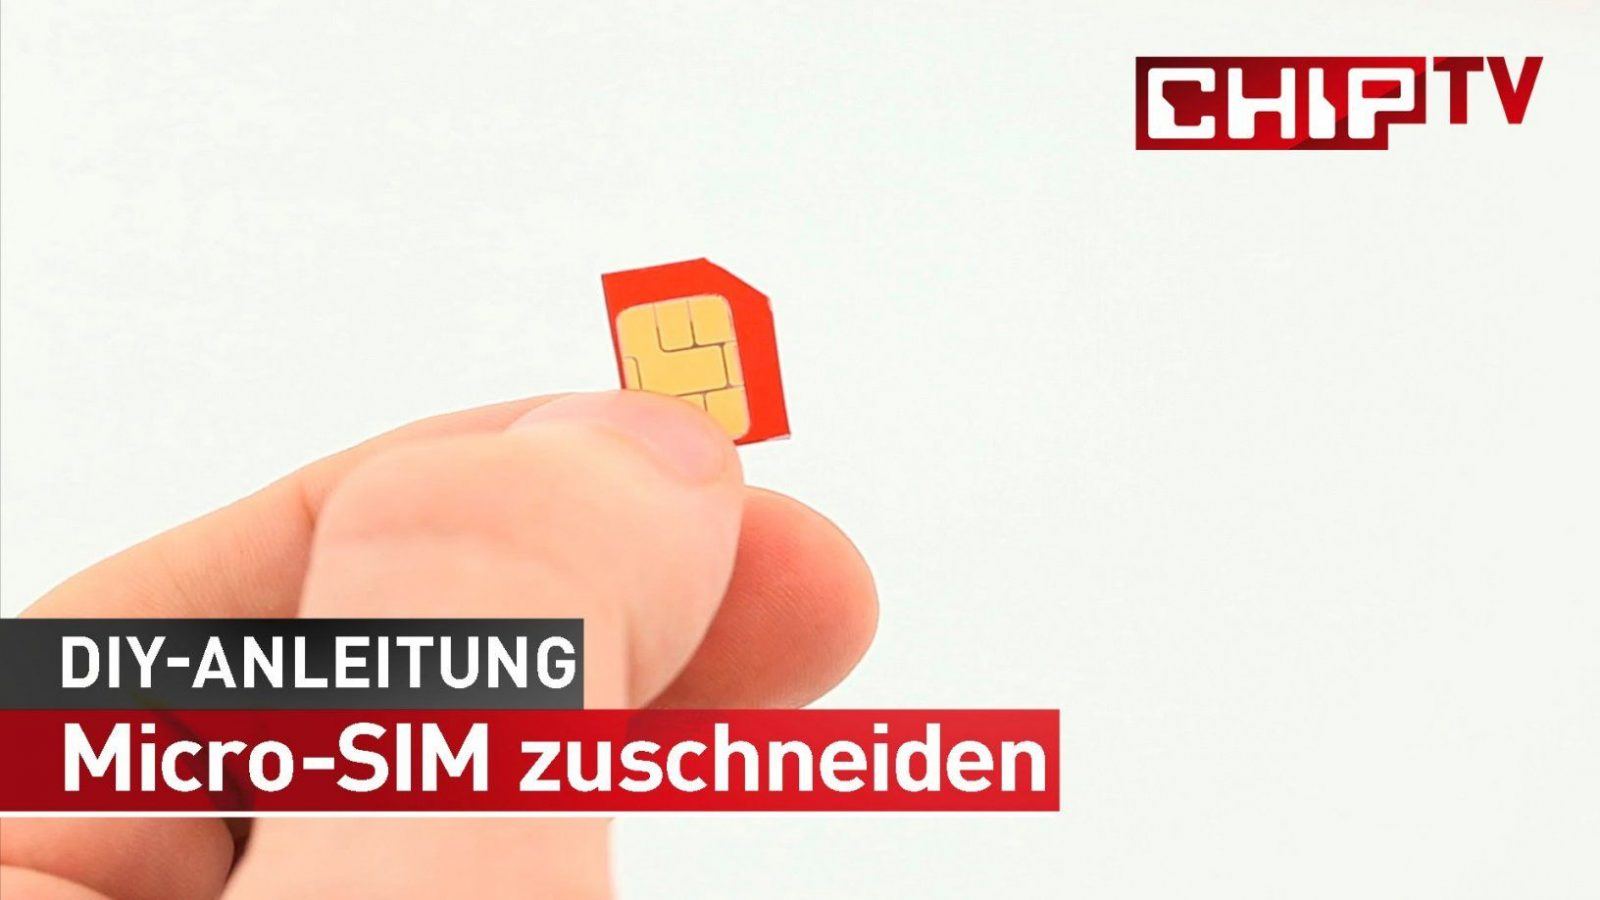 Microsim Im Eigenbau  Tutorial Deutsch  Chip  Youtube von Nano Sim Zu Micro Sim Adapter Selber Bauen Photo